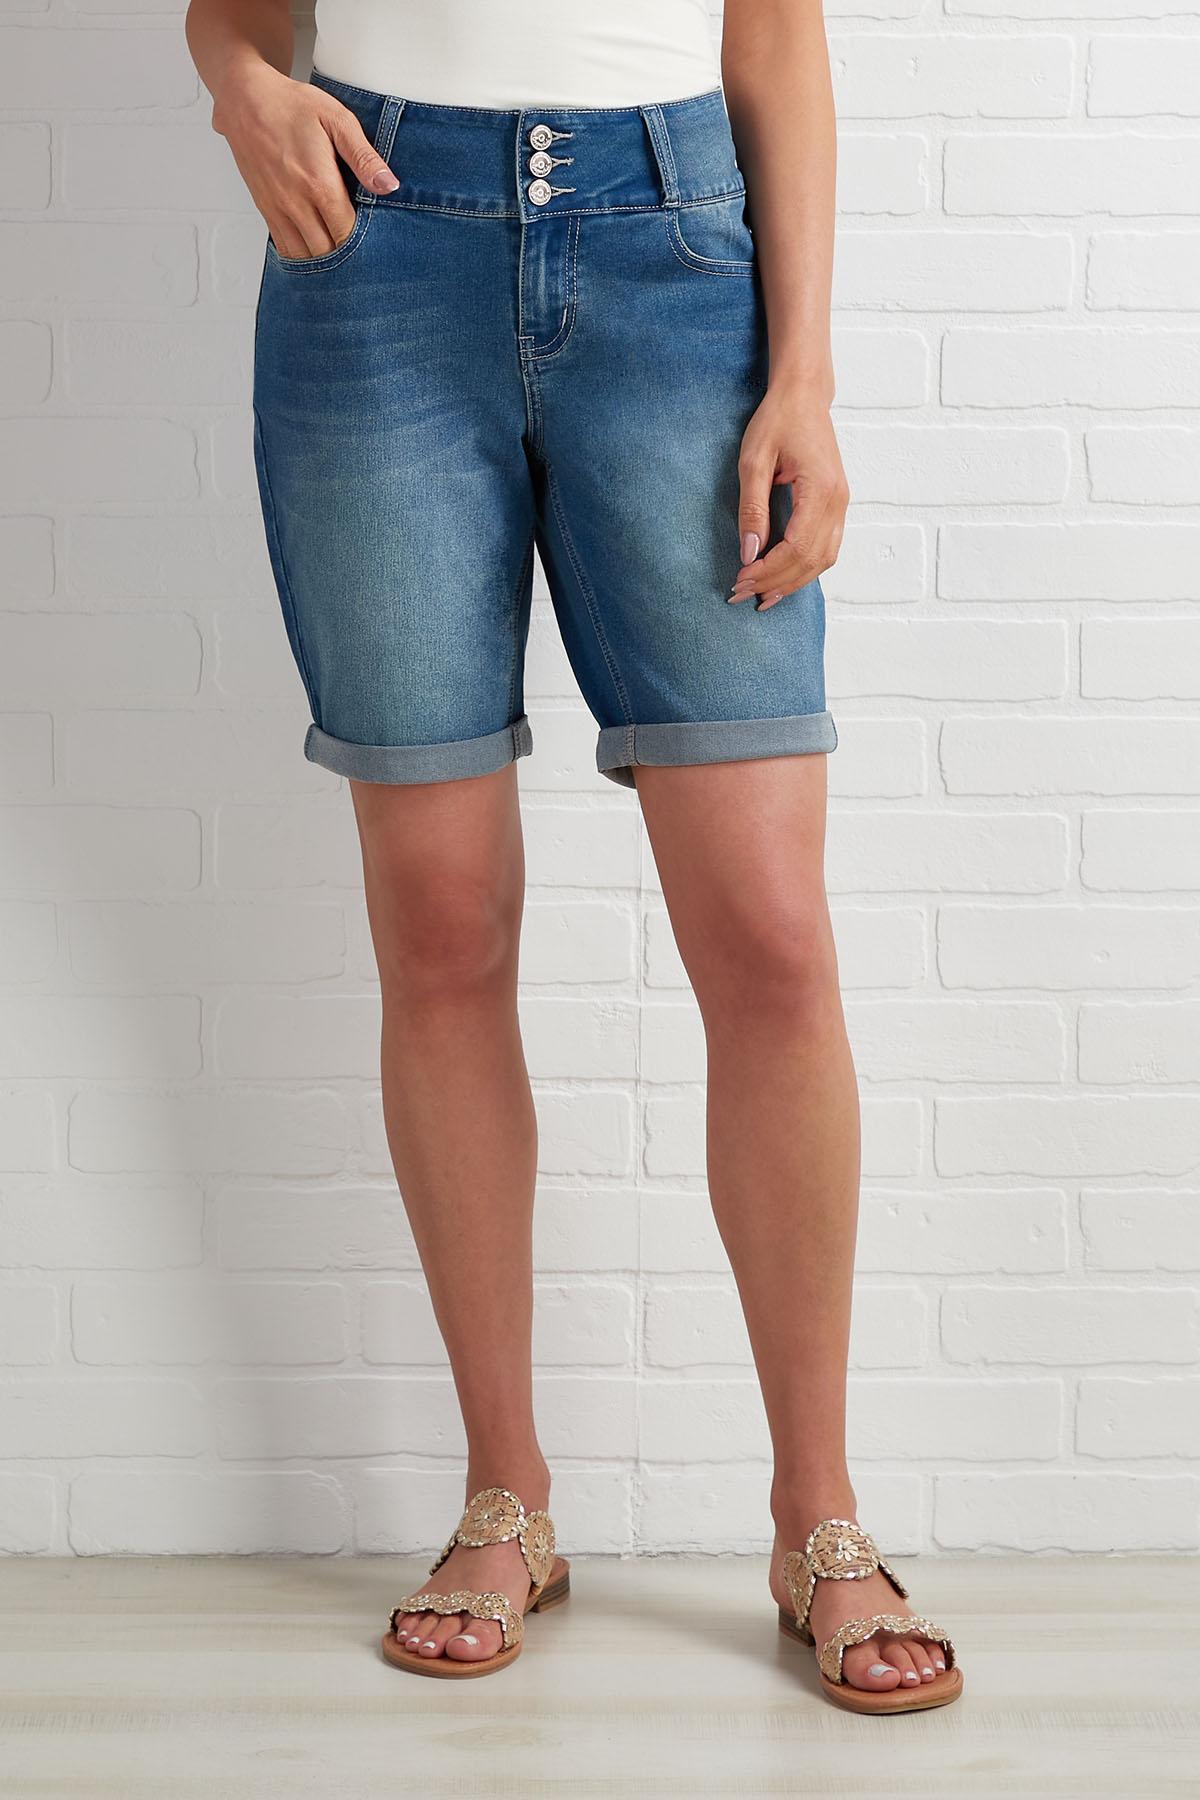 Lake Life Shorts